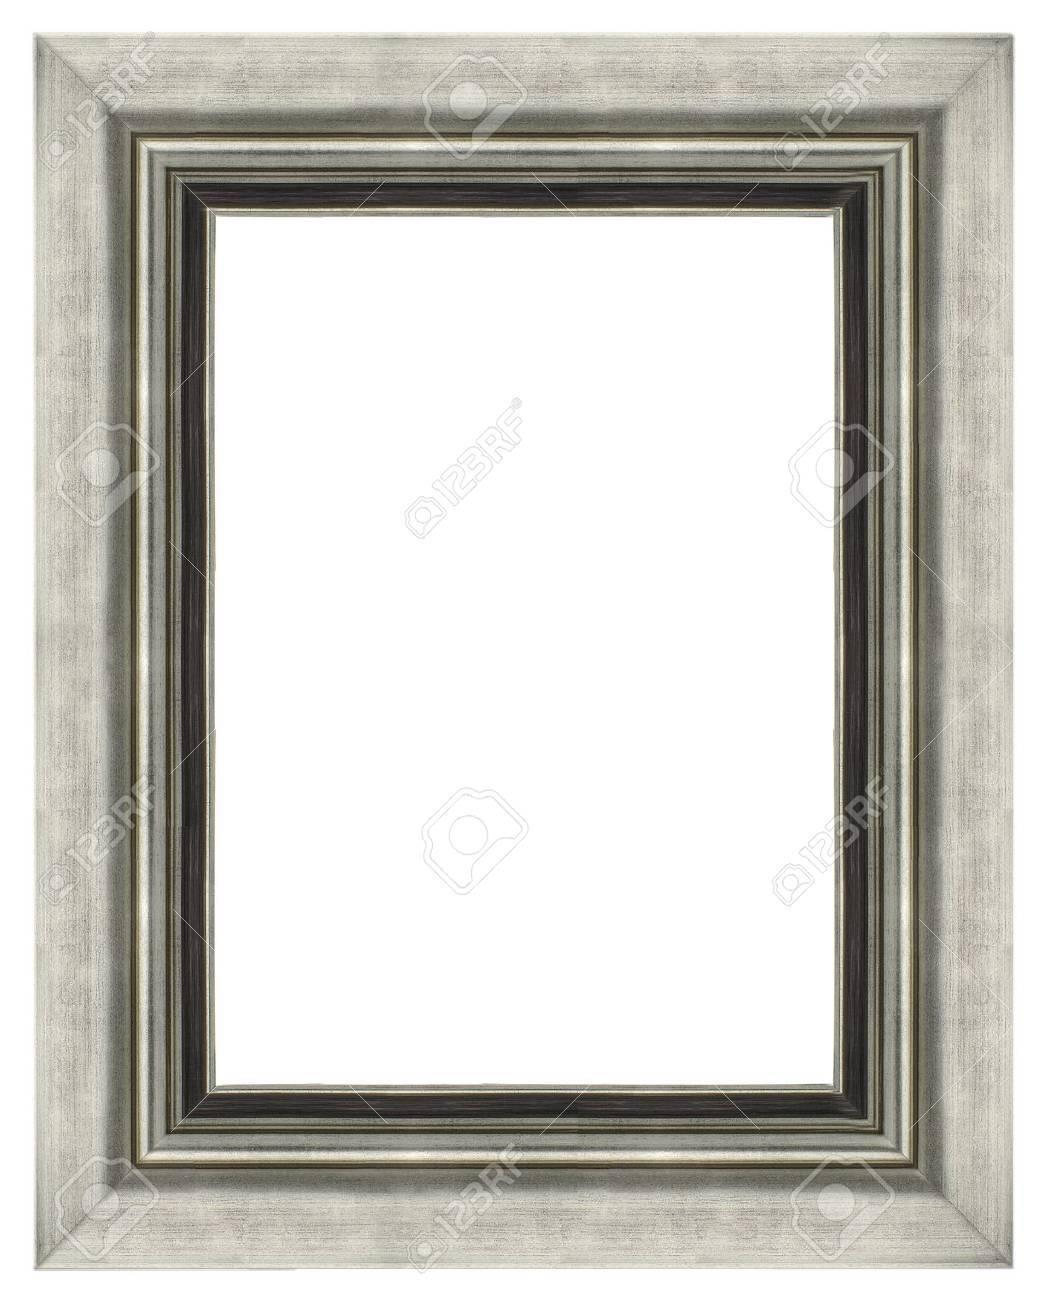 Stylish Silver Frame isolated on white background. - 17981700